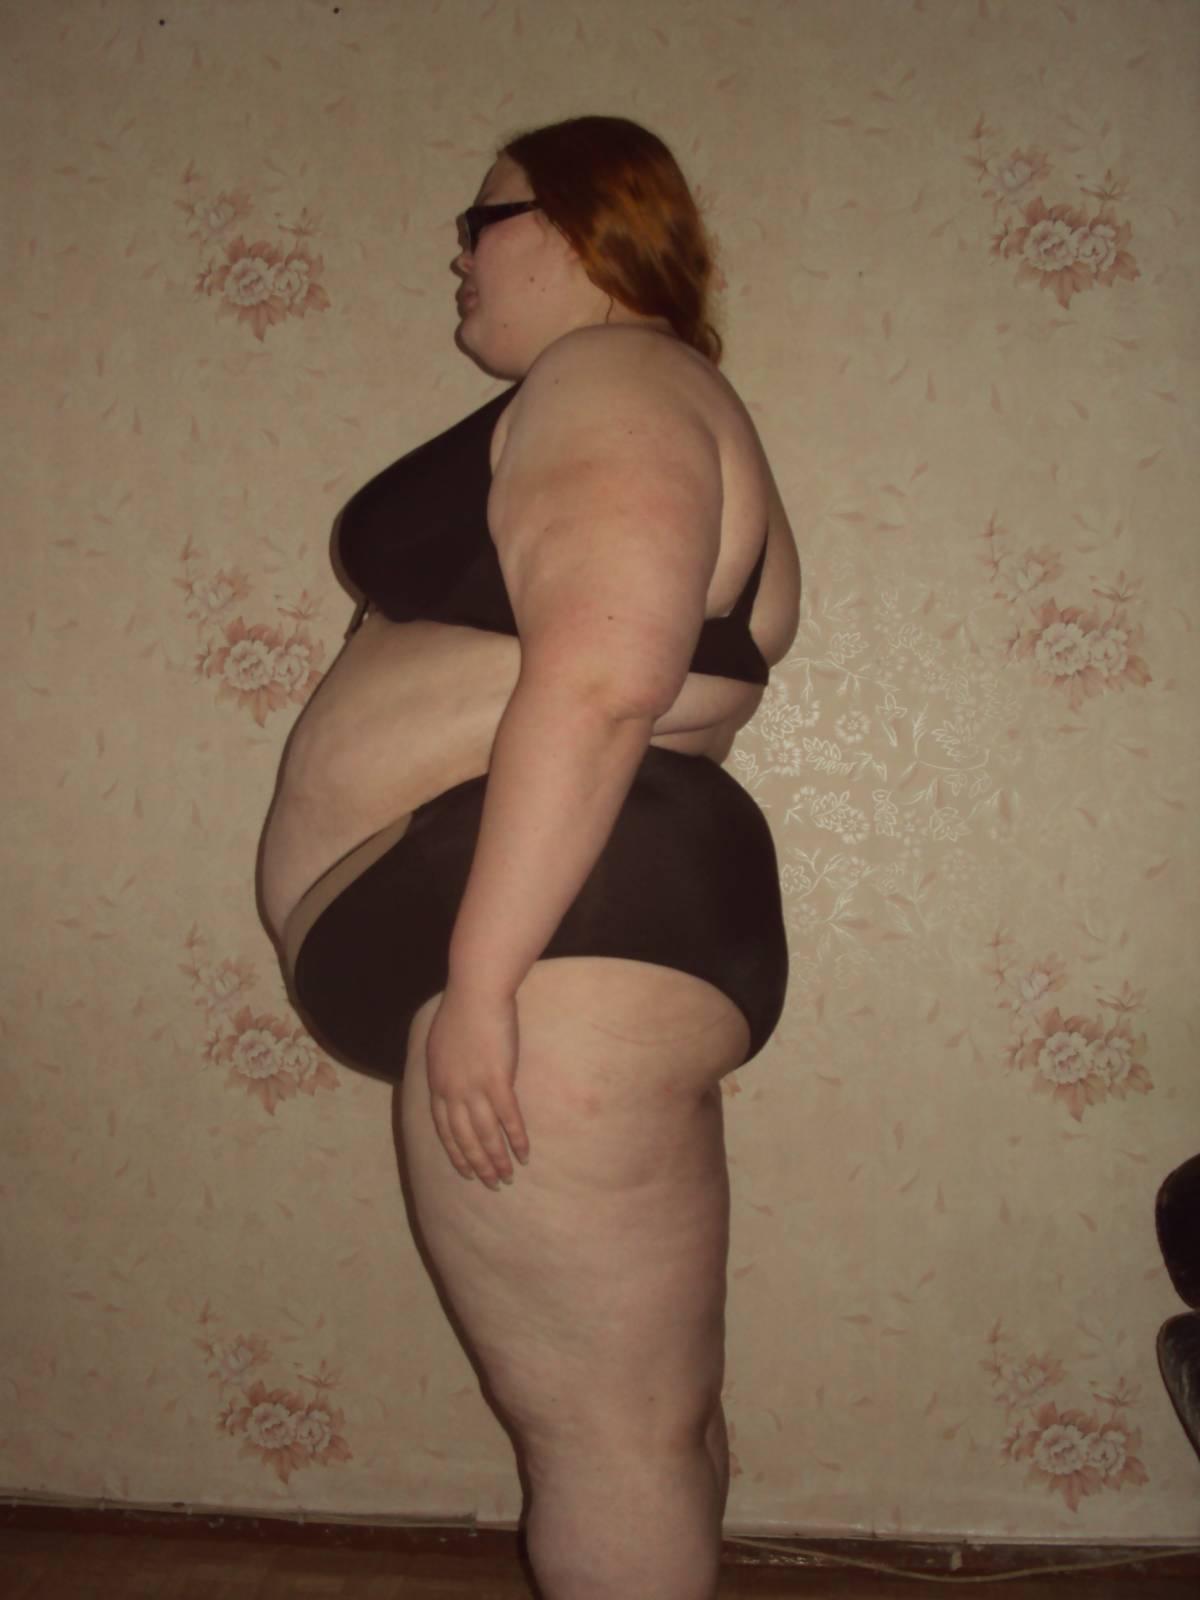 У девочке отвисли груди фото 6 фотография